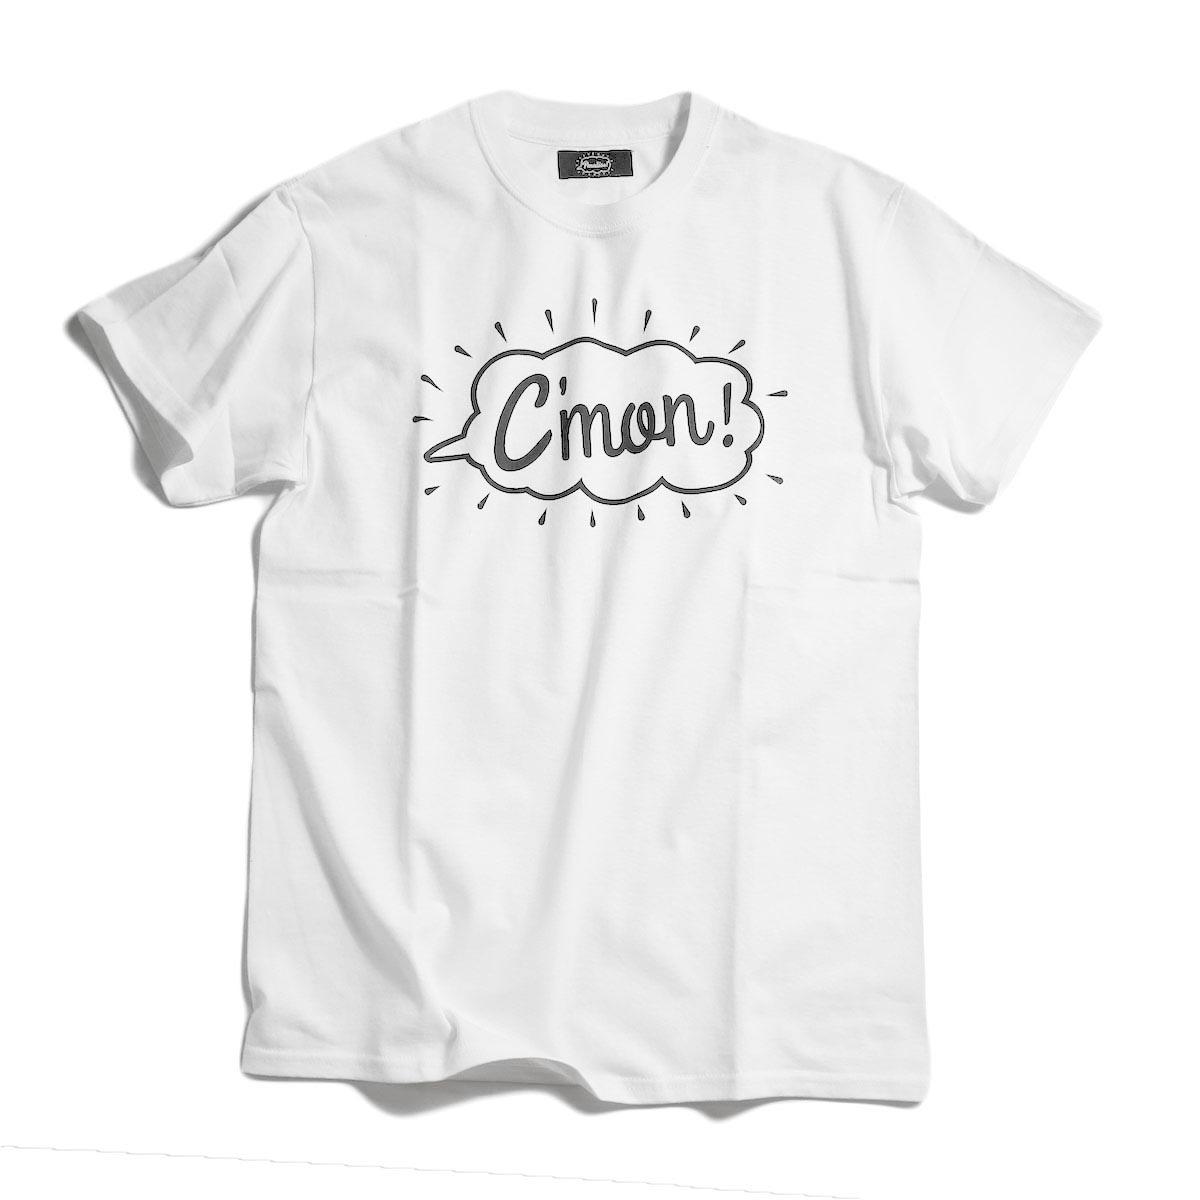 Paradise! / T-Shirt (C'mon) -White